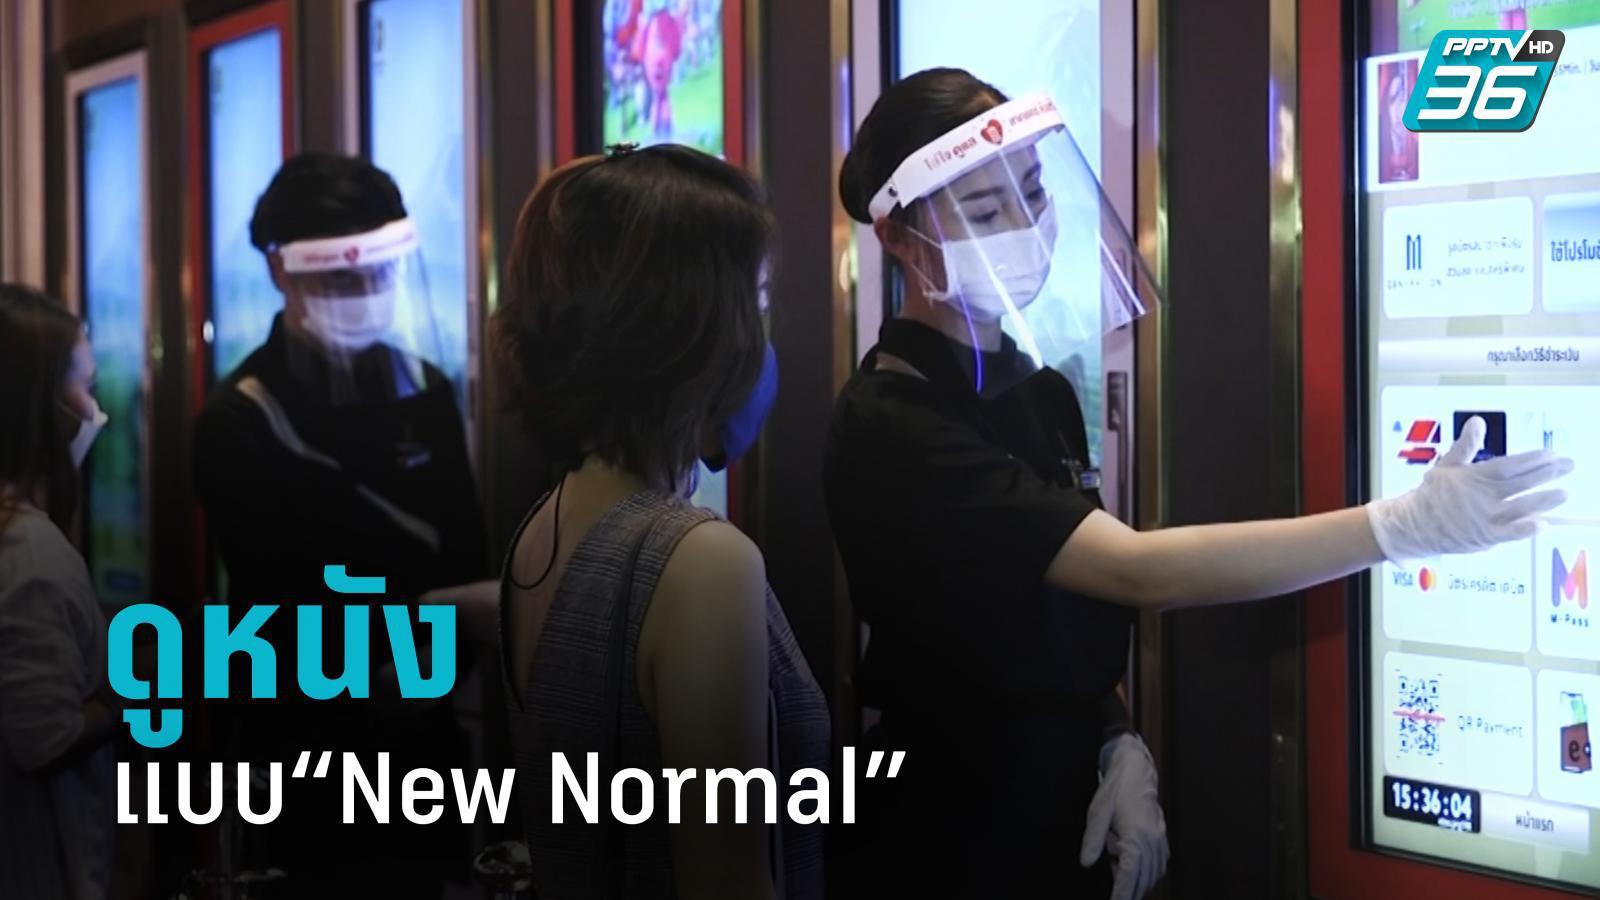 """การดูหนังที่เปลี่ยนไป ในวิถี """"New Normal"""""""